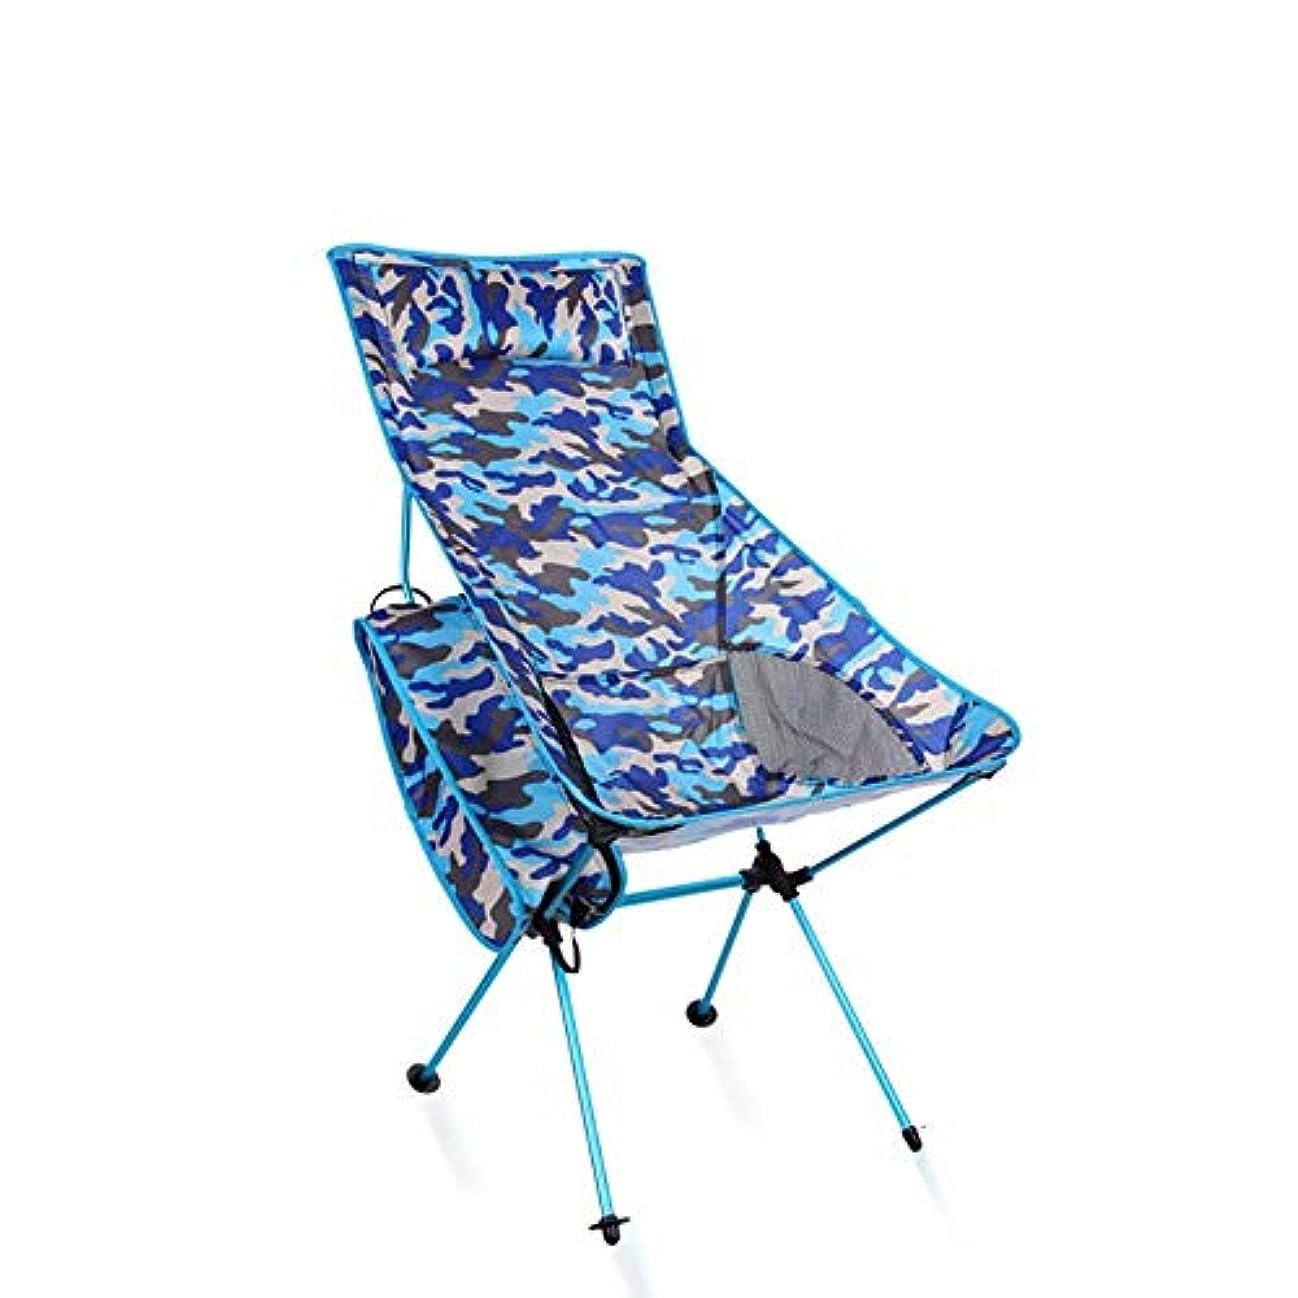 似ている入浴道路ZJING屋外アルミ合金迷彩折りたたみビーチチェアブルー多機能マウンテンキャンプレジャーチェアグリーンロング折りたたみチェア(100 * 40 * 90 cm)